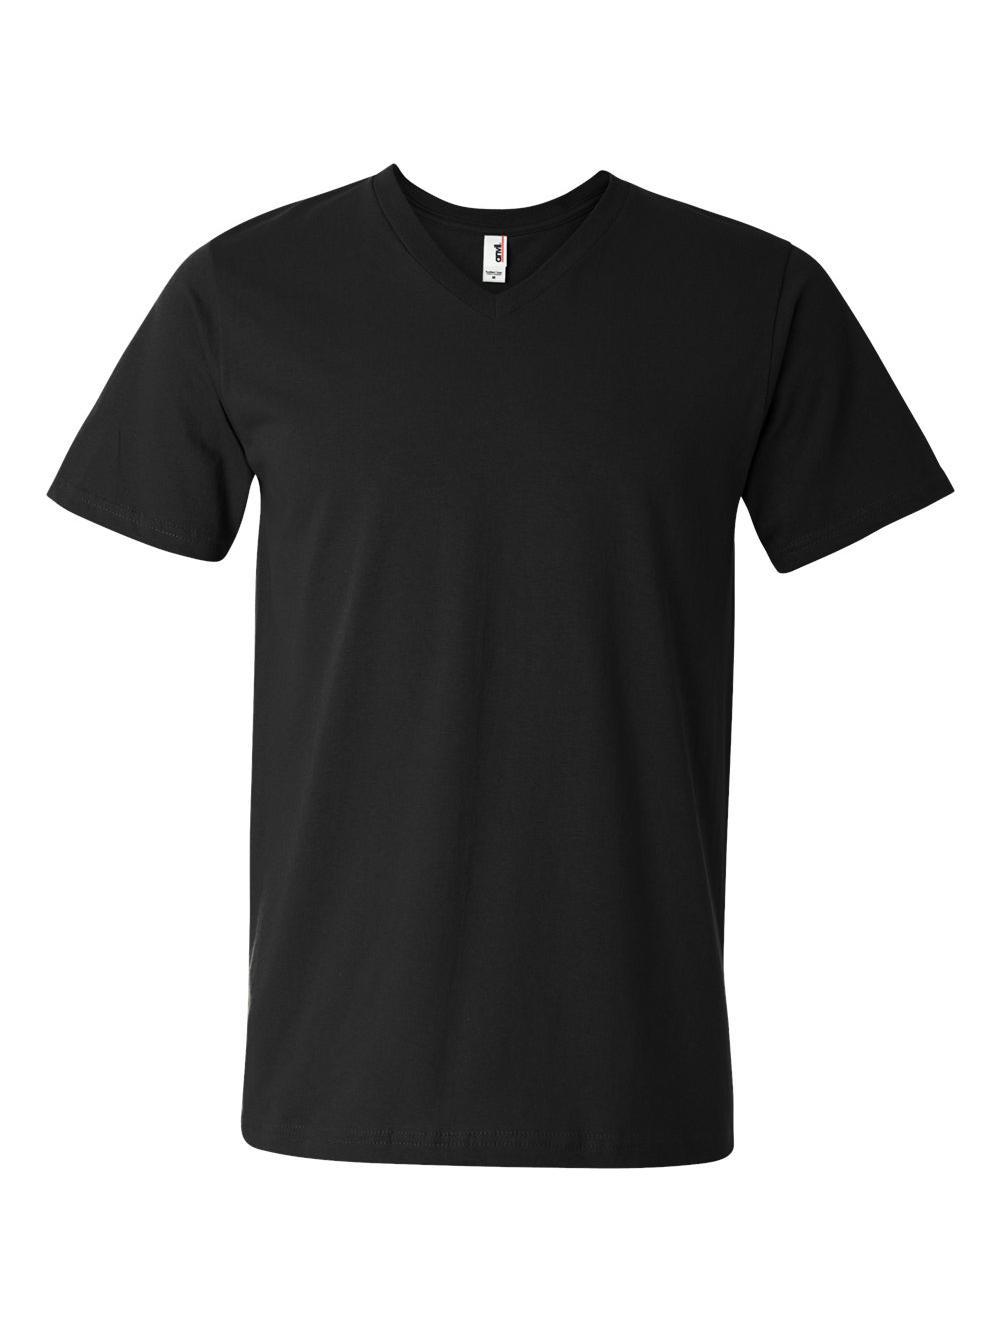 Anvil-Lightweight-Ringspun-V-Neck-T-Shirt-982 thumbnail 3